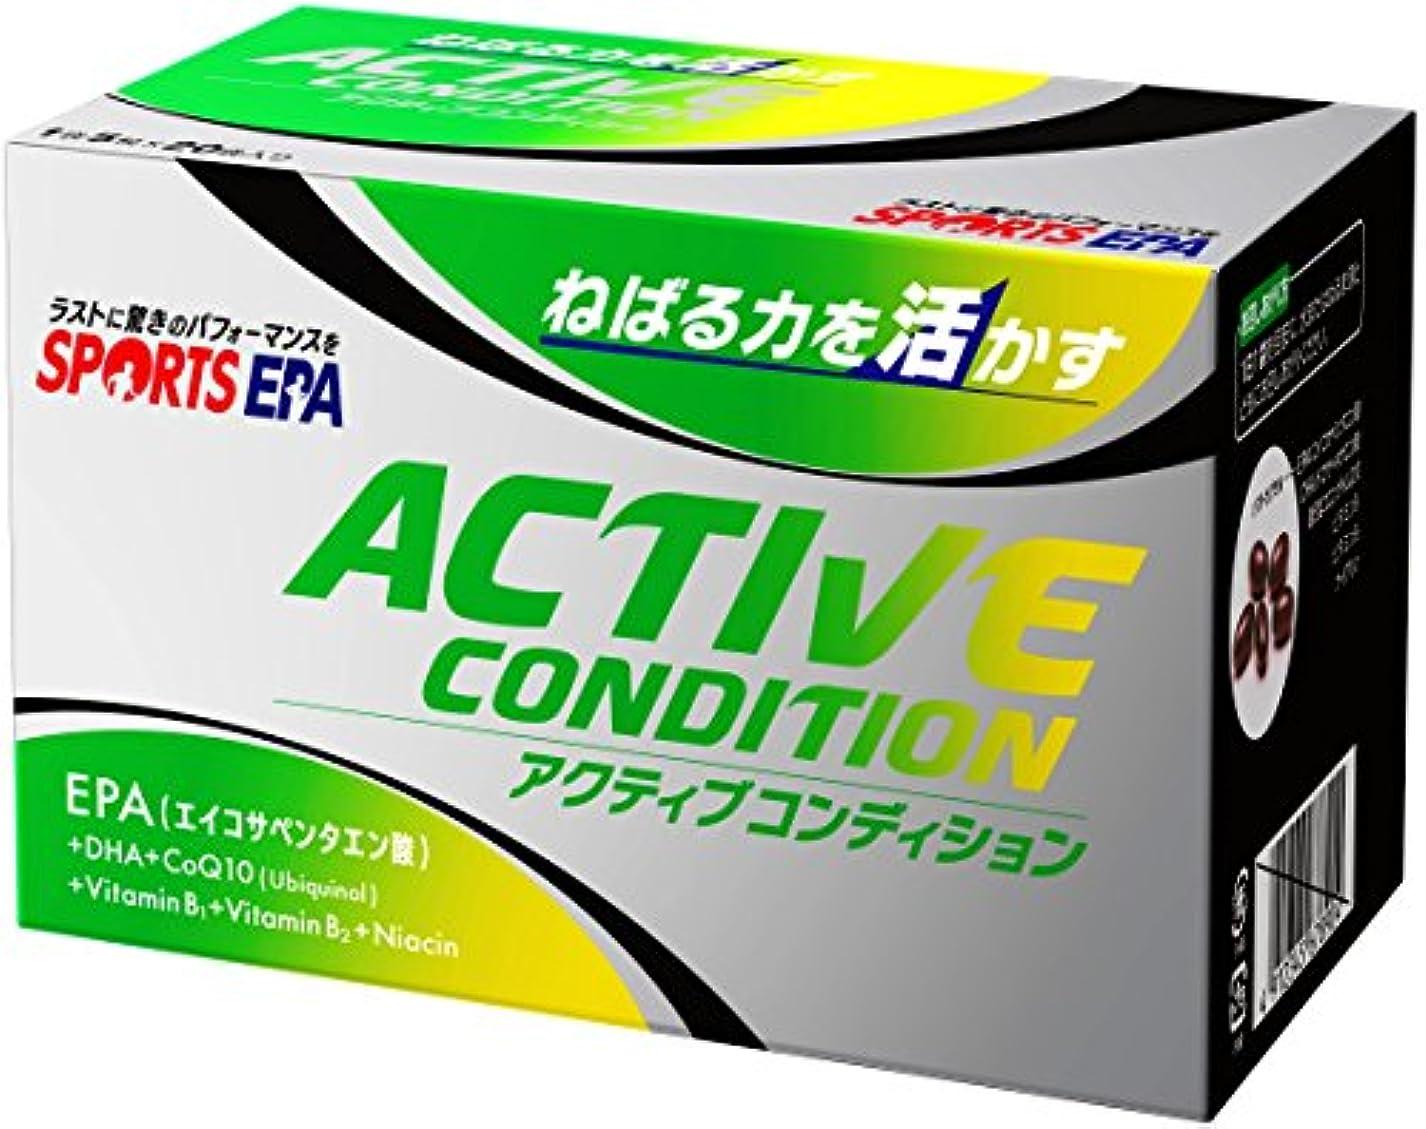 市民権急降下石化するSPORTS EPA アクティブコンディション(分包) 5粒入り×20袋